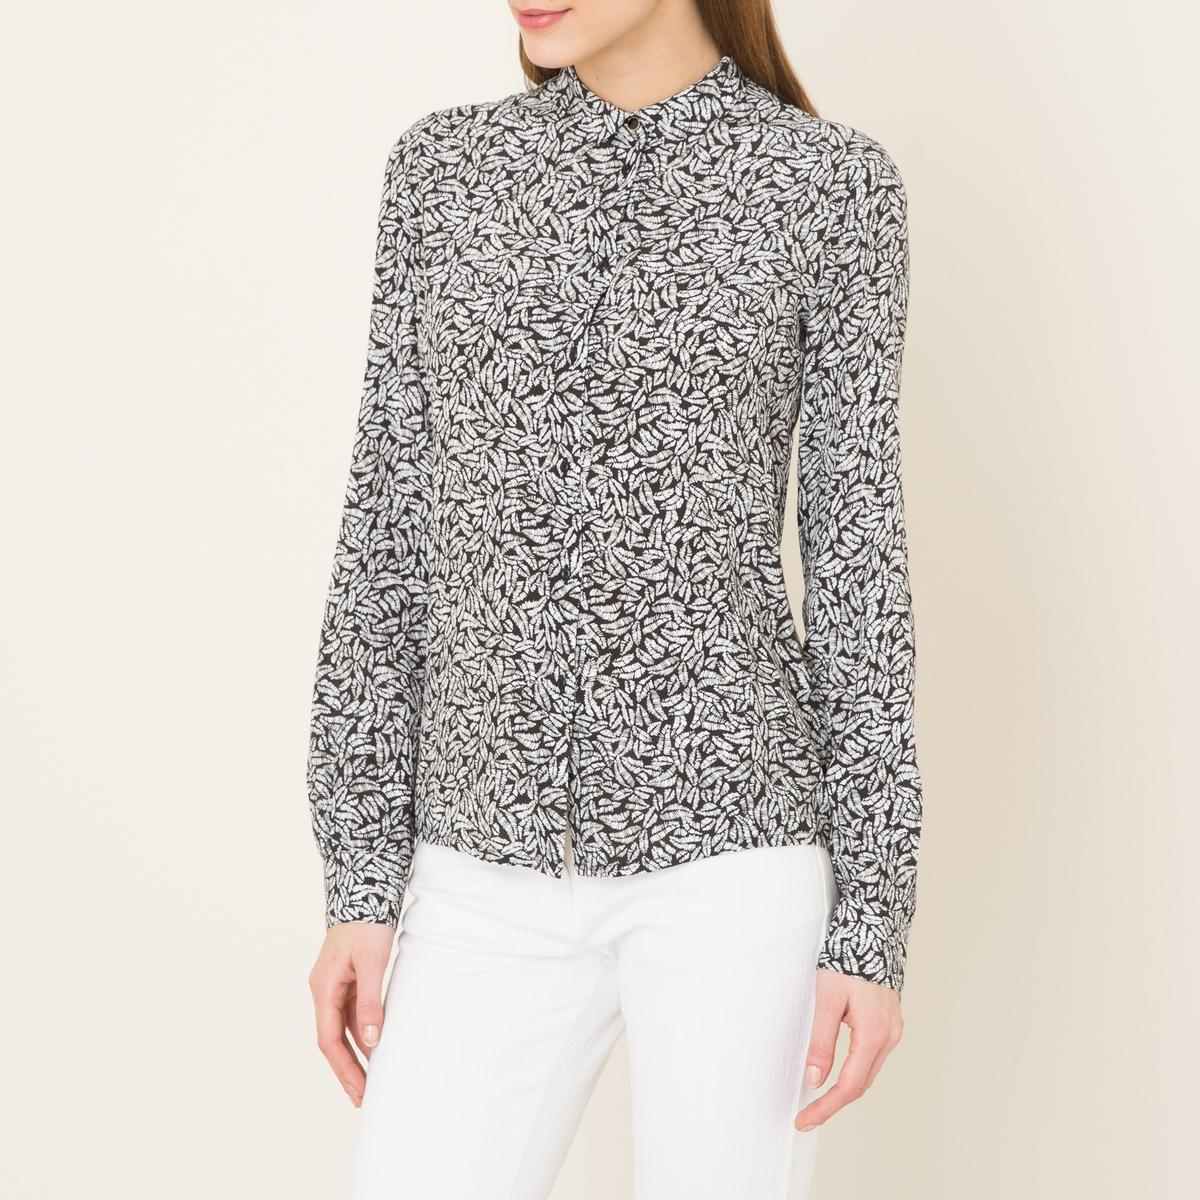 Рубашка MISIAРубашка SESSUN - модель MISIA из вискозы. Рубашечный воротник со свободными уголками    . Длинные рукава, манжеты с застежкой на пуговицу. Застежка на пуговицы спереди. Прямой низ.Состав и описание    Материал : 100% вискоза   Марка : SESSUN<br><br>Цвет: черный/ белый